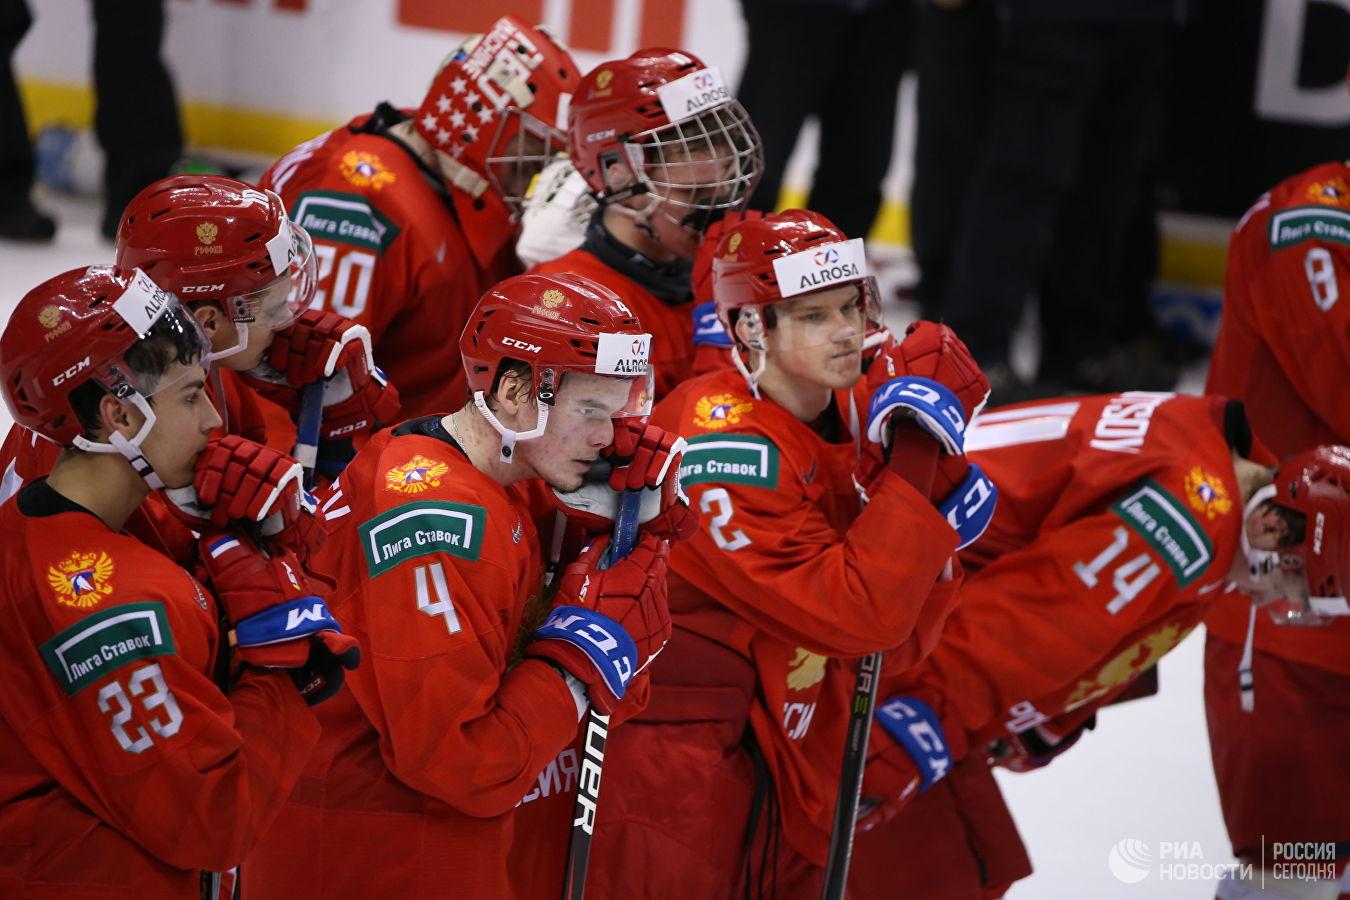 Молодежная сборная России по хоккею проиграла американской команде в полуфинале чемпионата мира